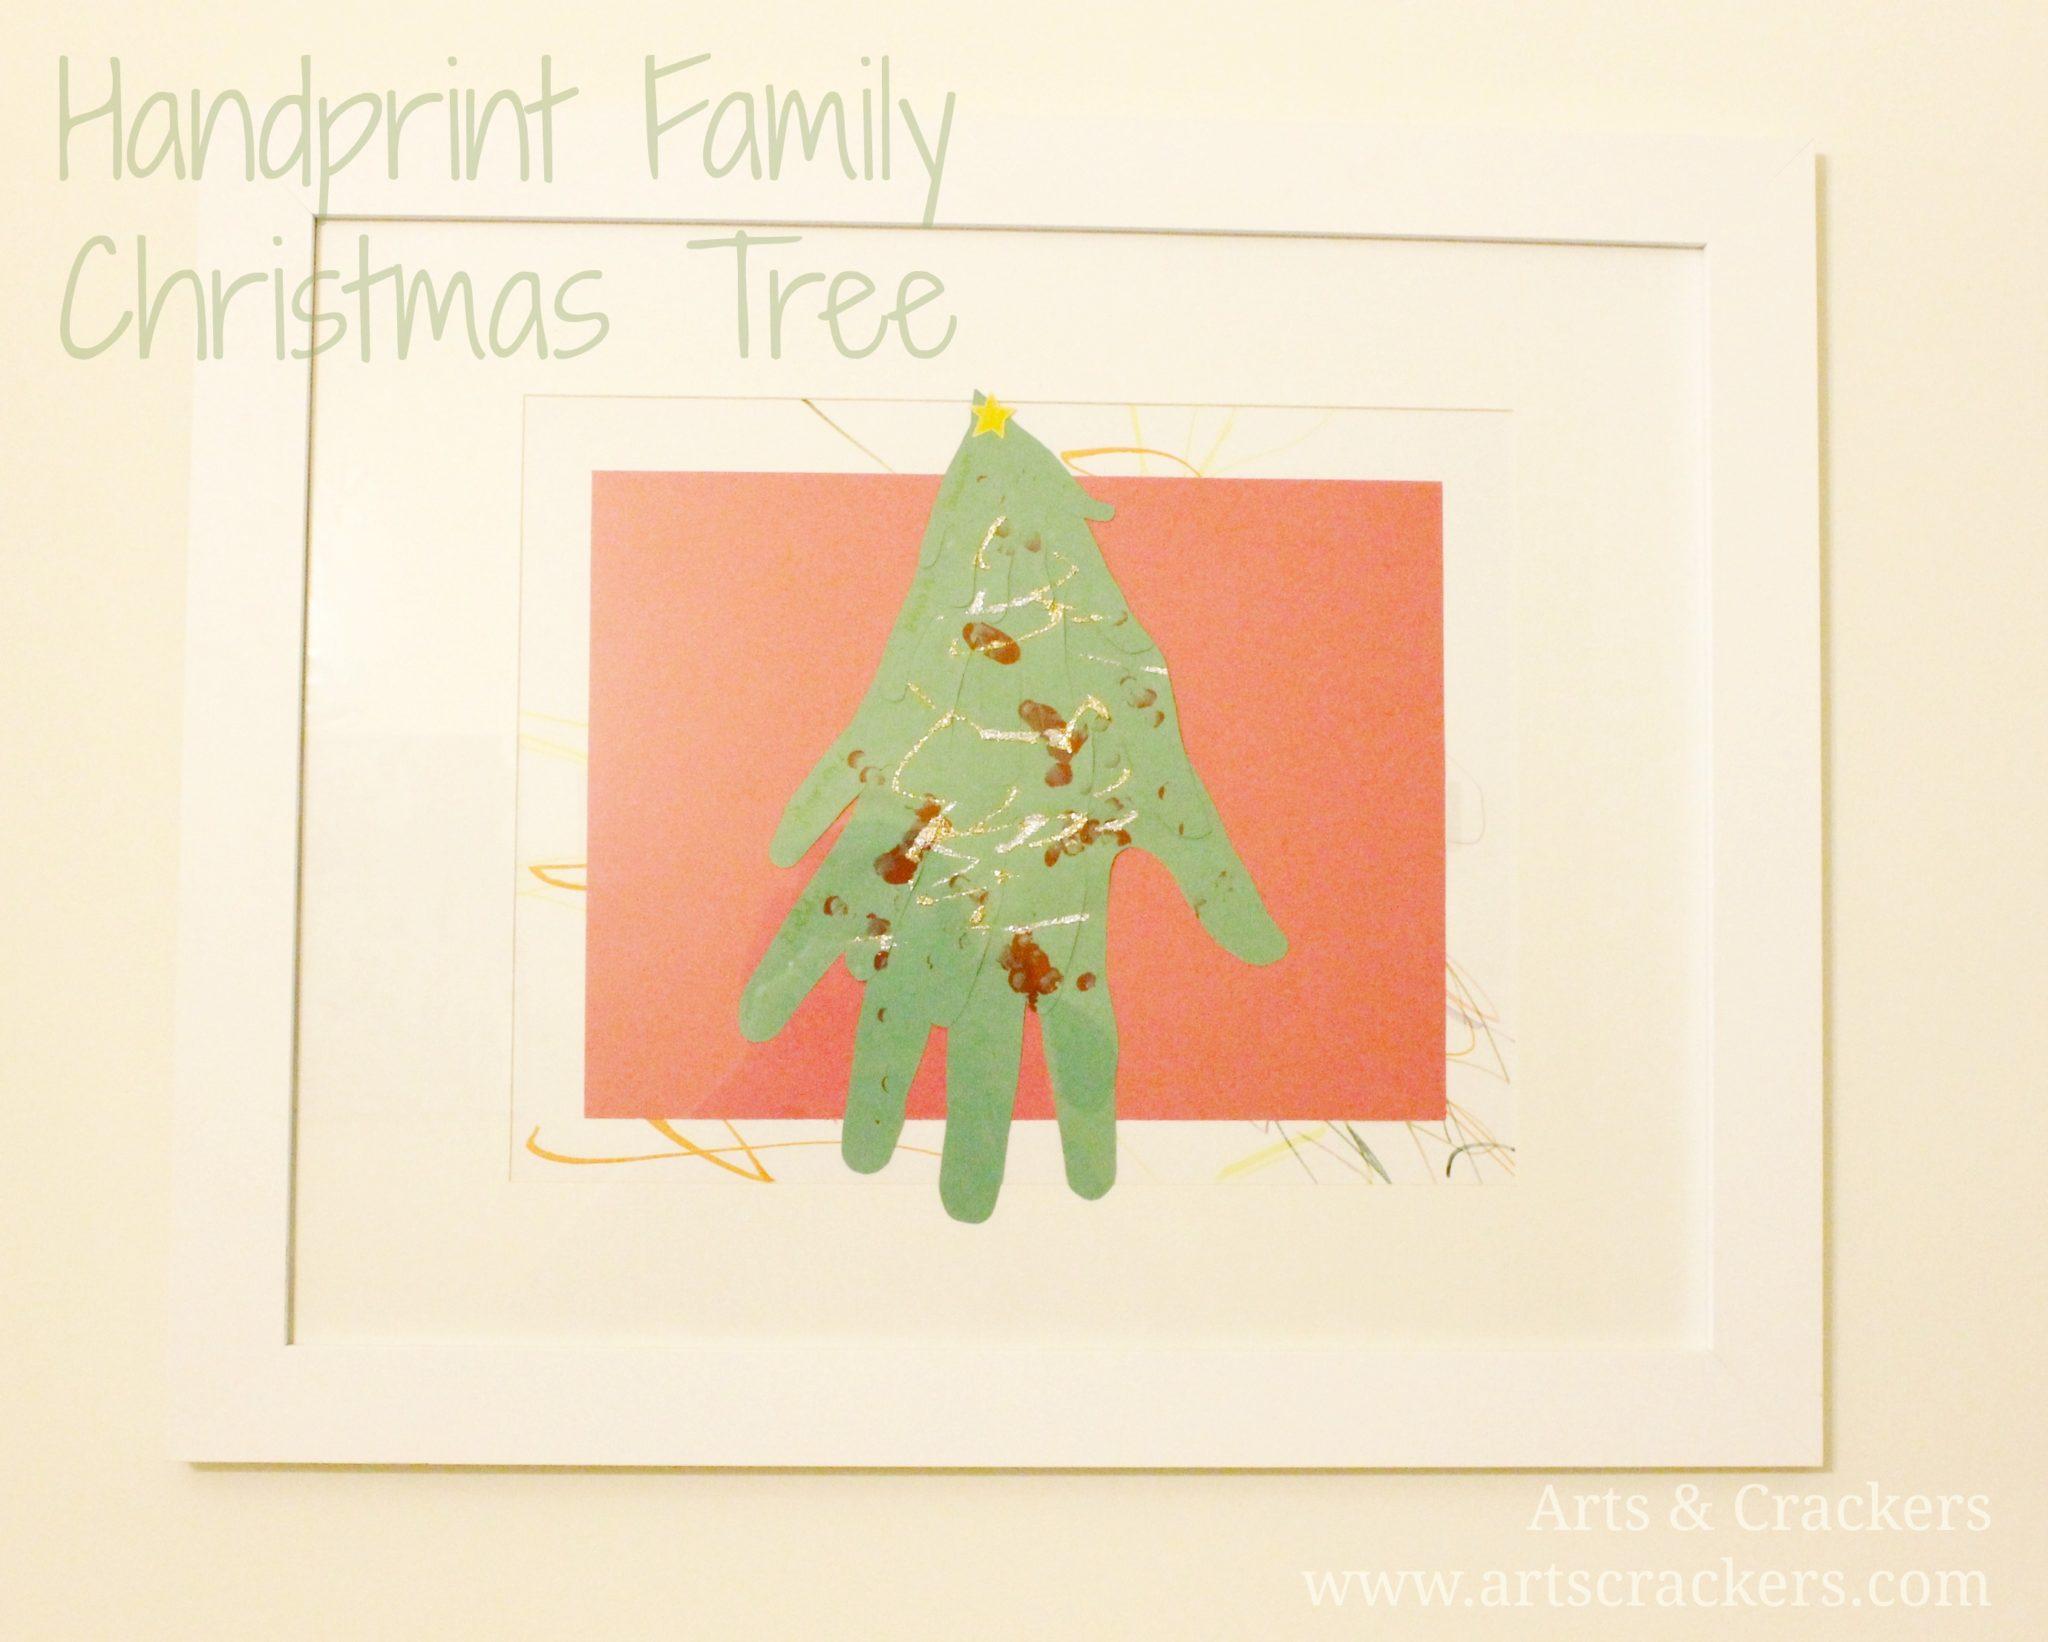 Handprint Family Christmas Tree